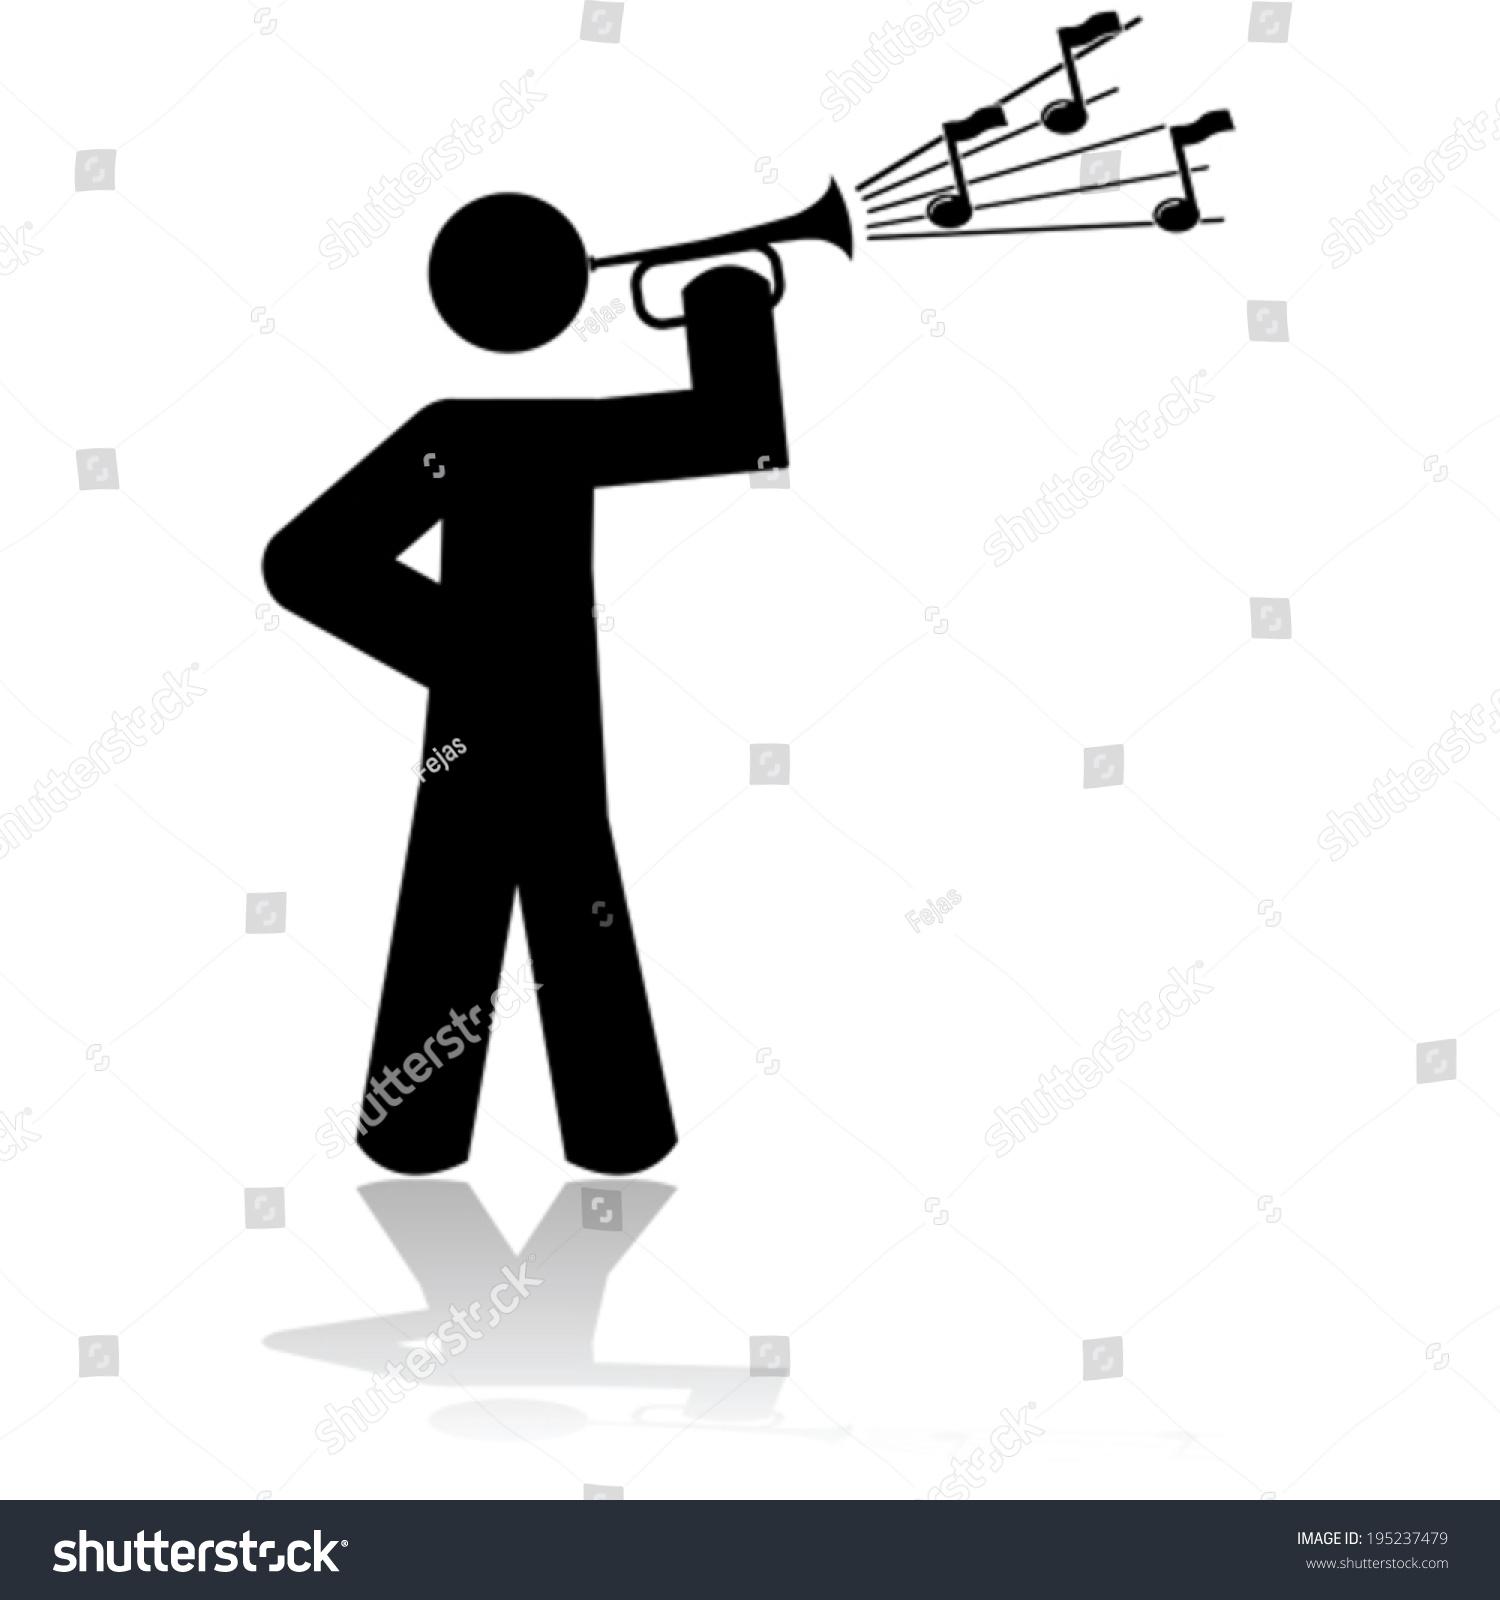 矢量图标说明一个人玩喇叭-艺术,符号/标志-海洛创意